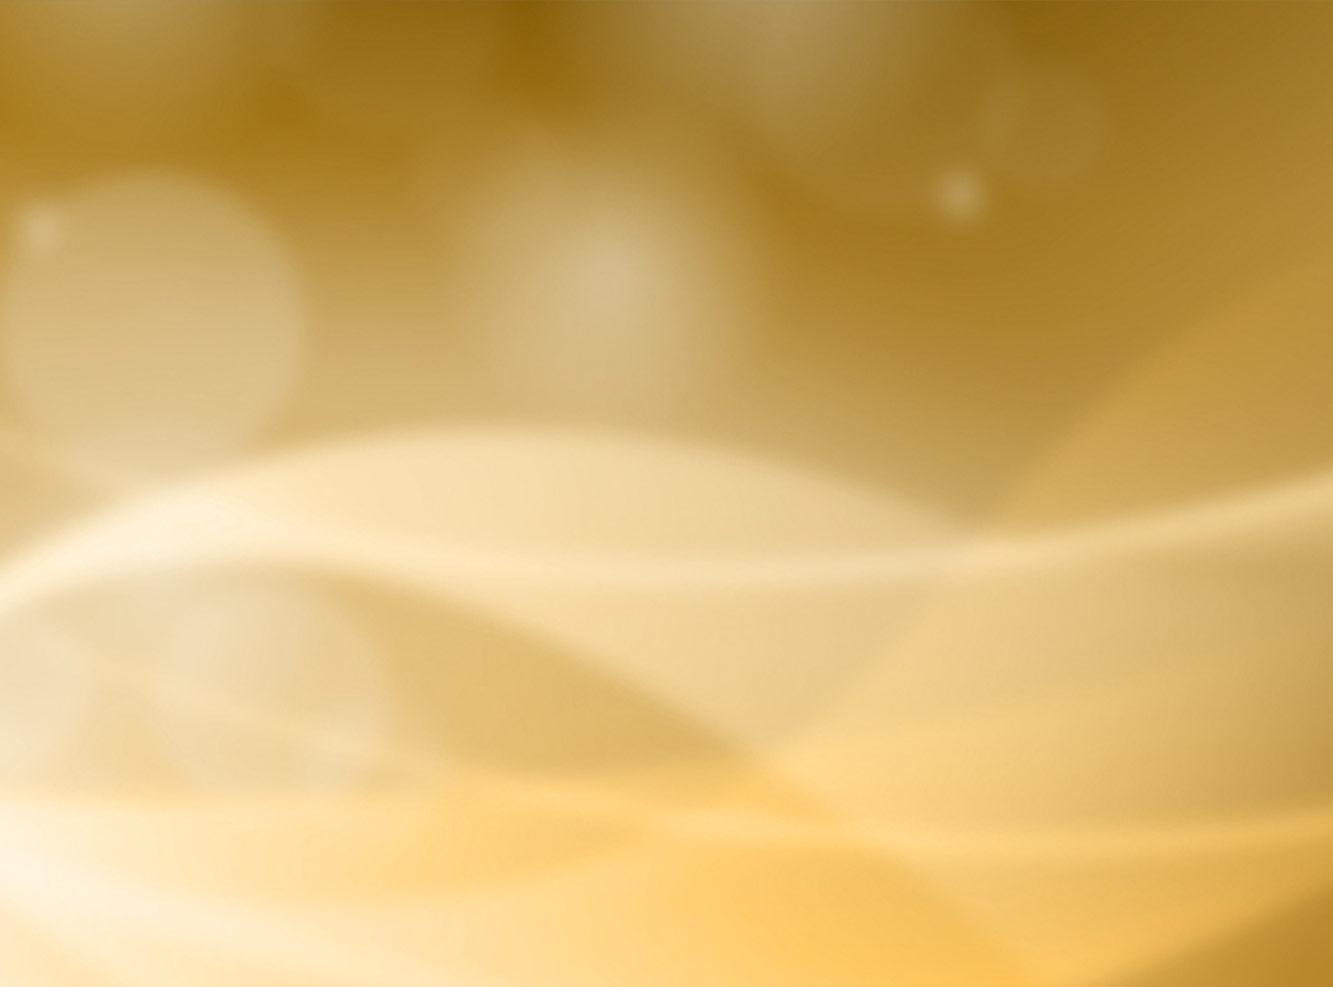 a51c9-bg001.jpg